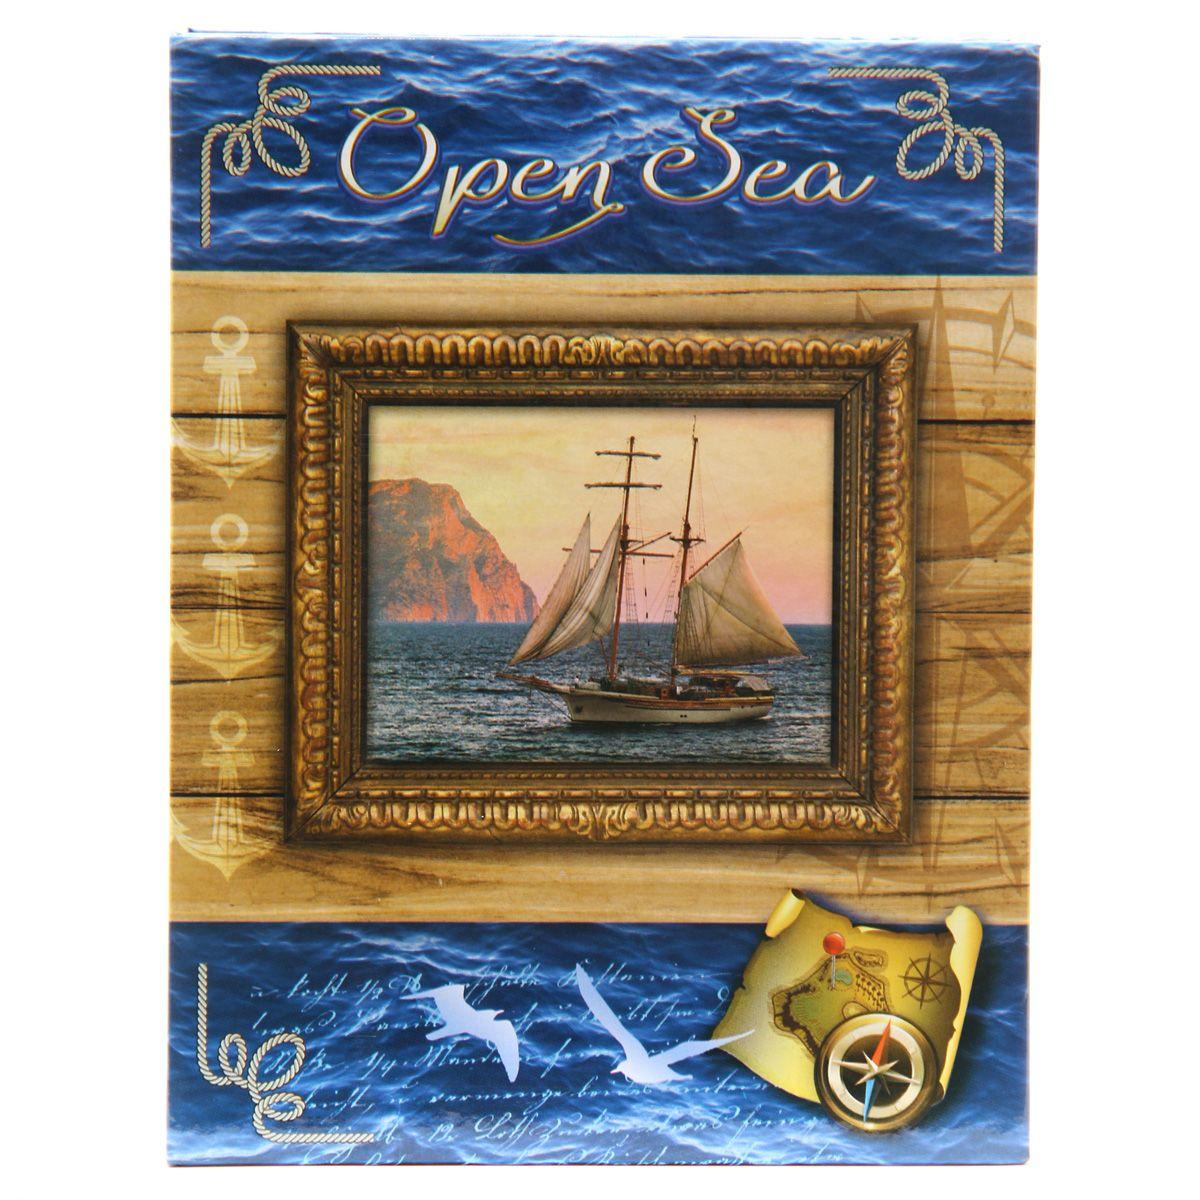 Фотоальбом Pioneer Open Sea, 100 фотографий, цвет: синий, 10 х 15 см46402 AV46100Альбом для фотографий формата 10х15 см.Тип обложки: ламинированный картон.Тип листов: полипропиленовые.Тип переплета: высокочастотная сварка.Кол-во фотографий: 100.Материалы, использованные в изготовлении альбома, обеспечивают высокое качество хранения Ваших фотографий, поэтому фотографии не желтеют со временем.